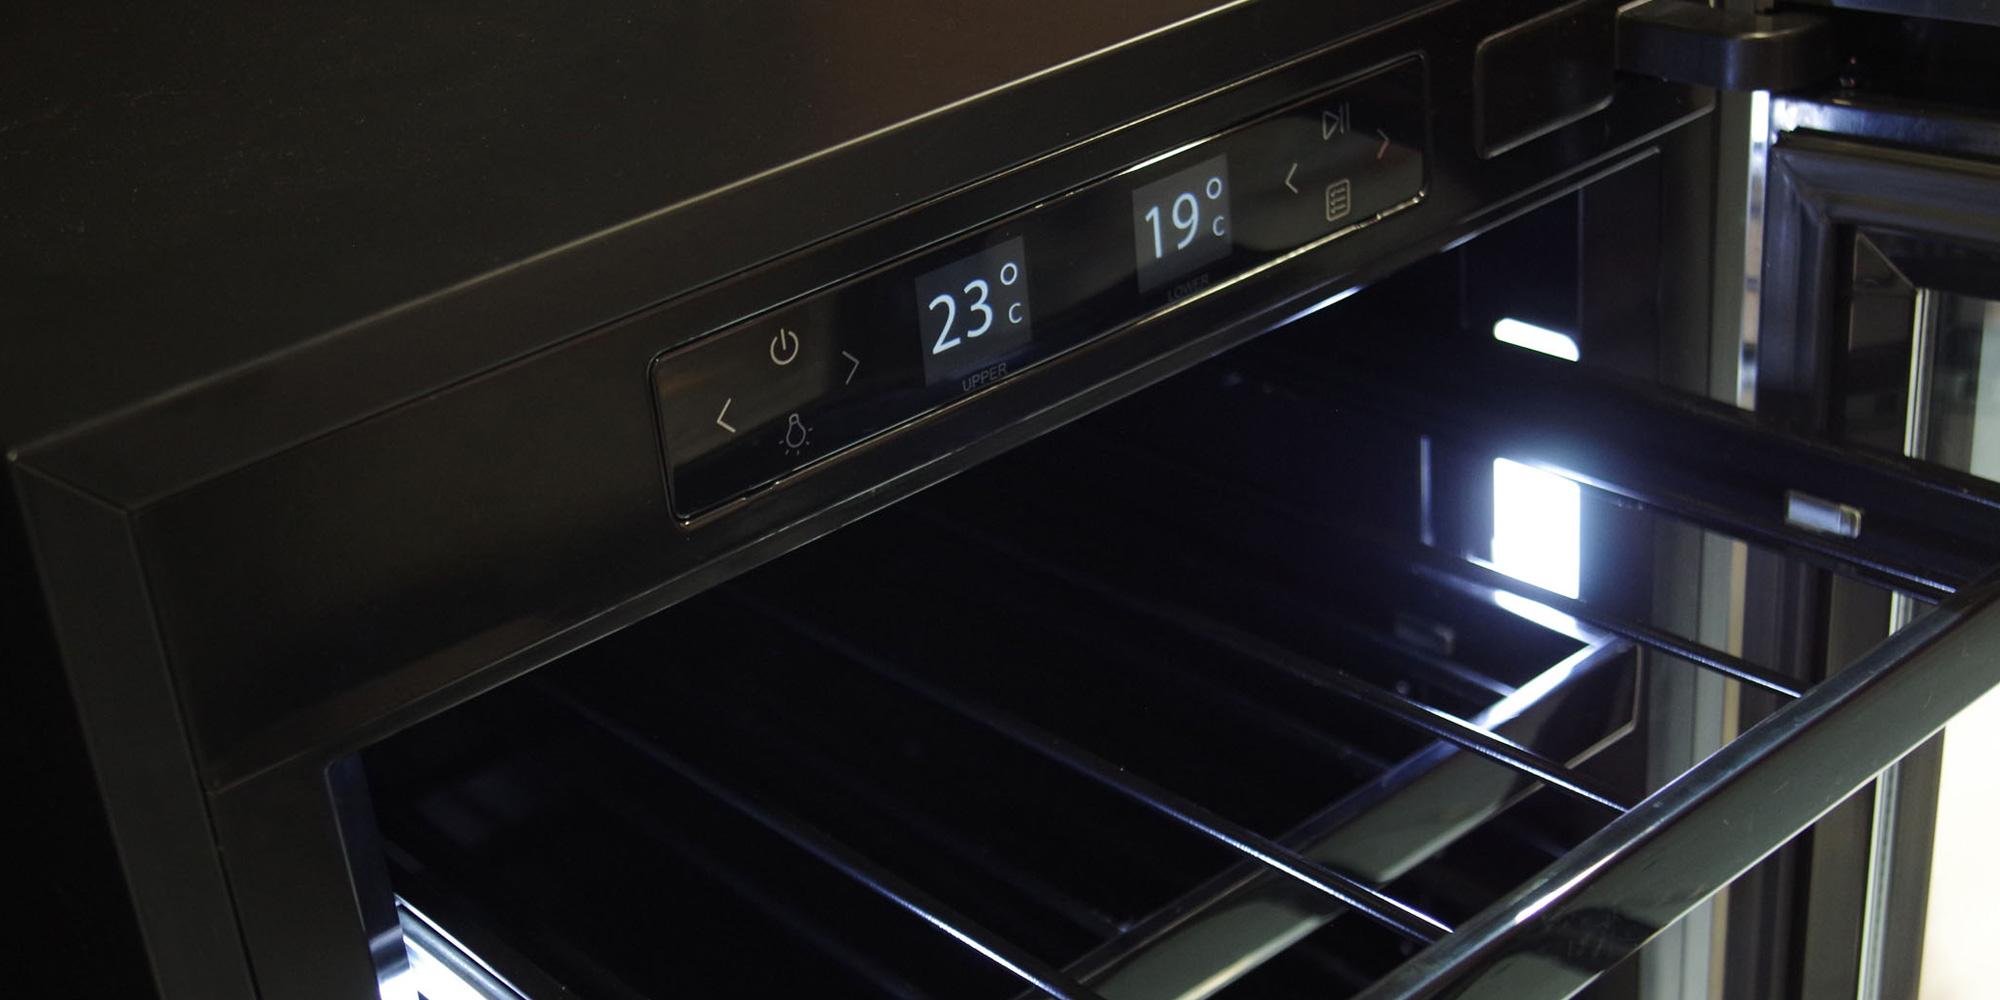 Best Counter Depth Refrigerator 2015 >> Revolutionary Compressor-Free Fridge from Haier - Reviewed.com Refrigerators